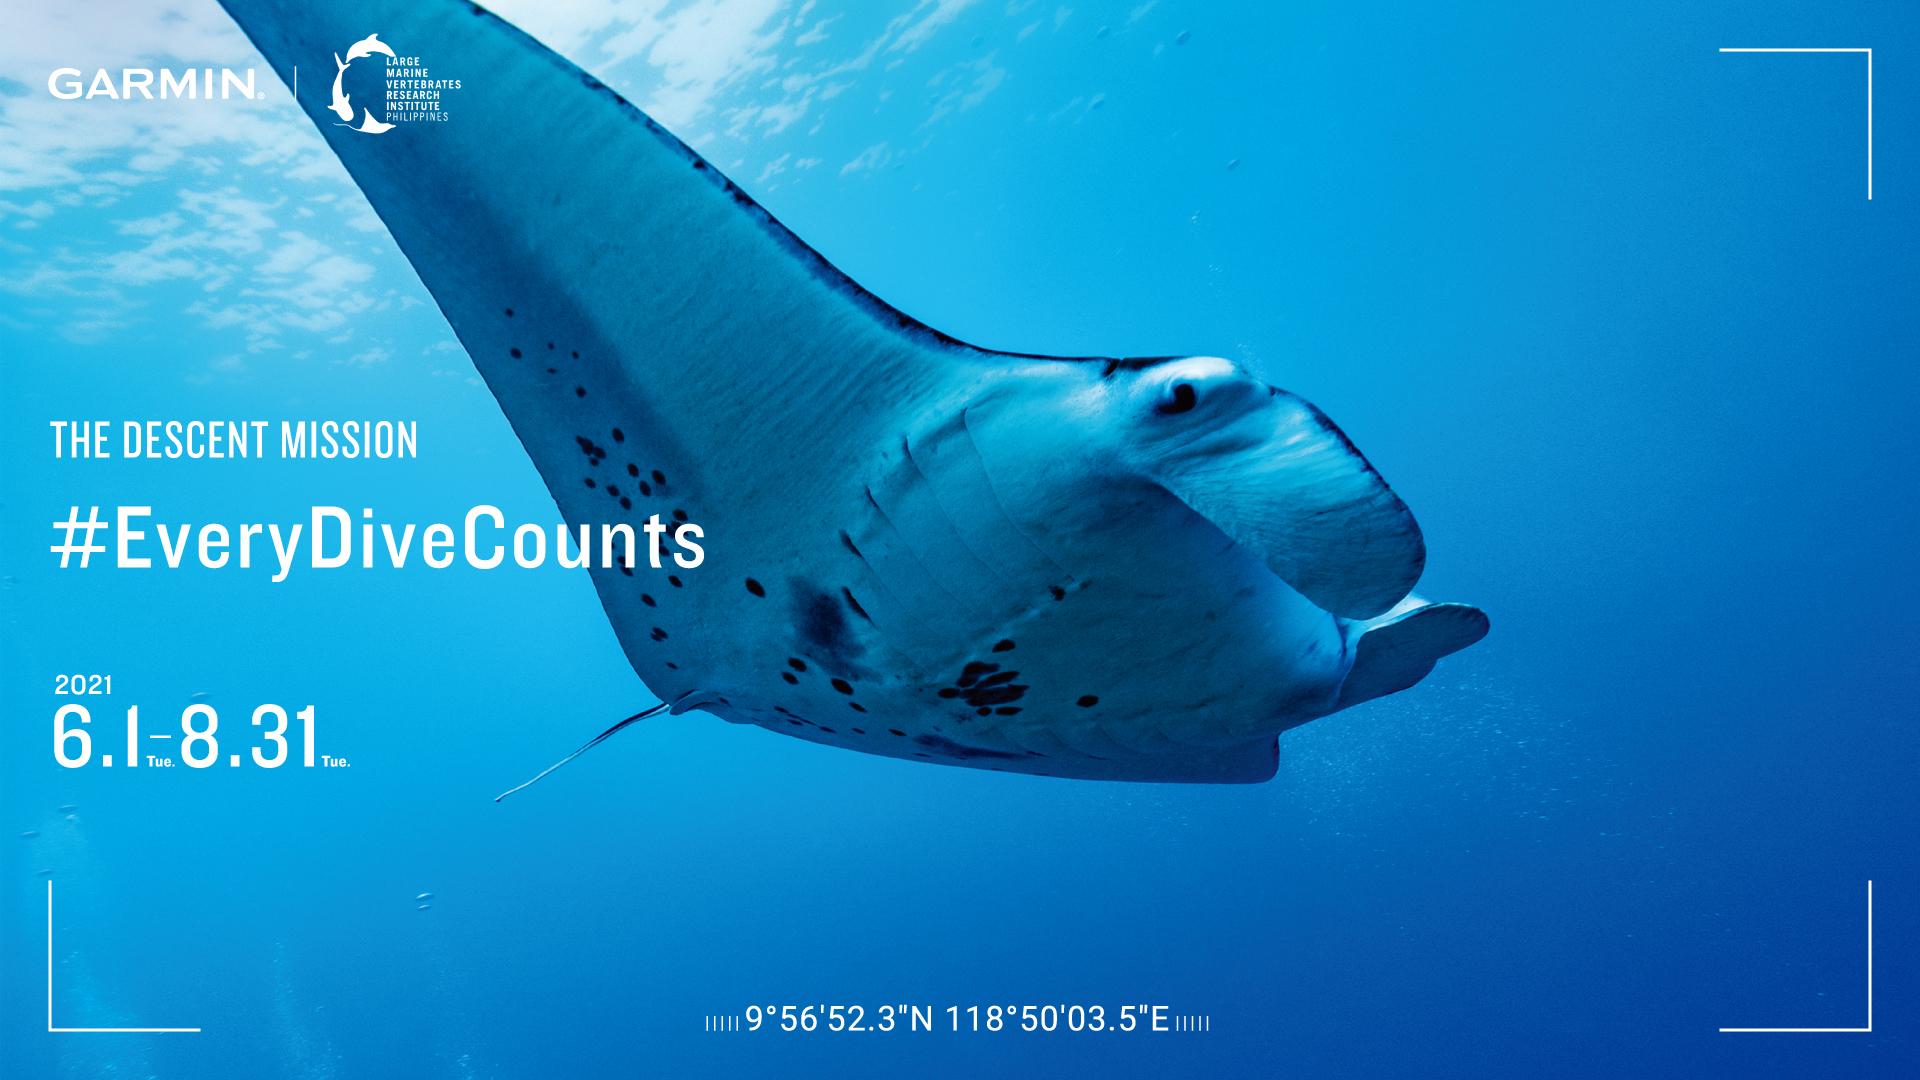 กิจกรรมประกวดภาพถ่ายในแคมเปญ Every Dive Counts  จาก GARMIN